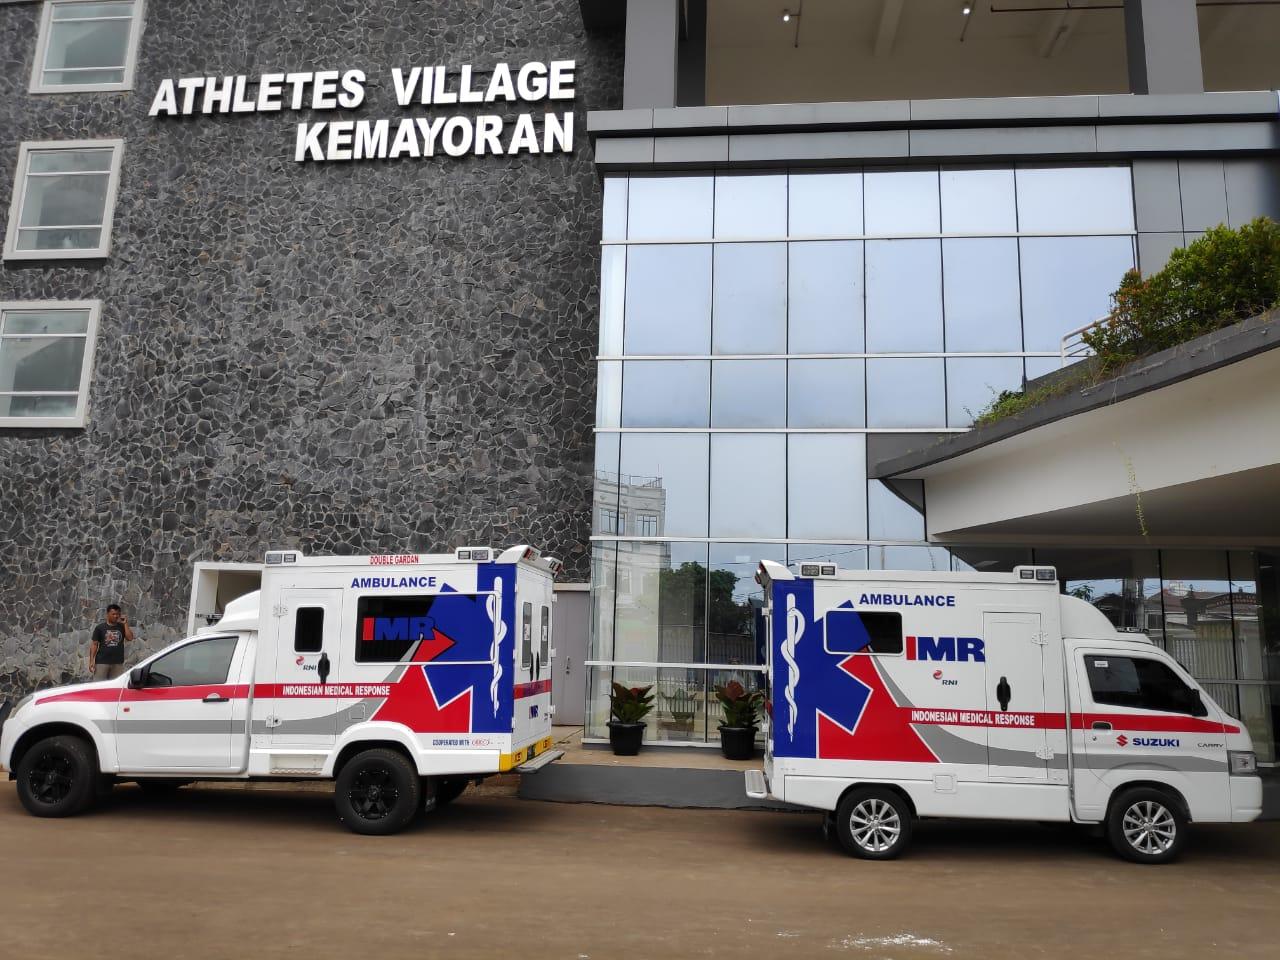 Dua ambulans tampak diparkirkan di depan salah satu gedung RSDC Wisma Atlet.